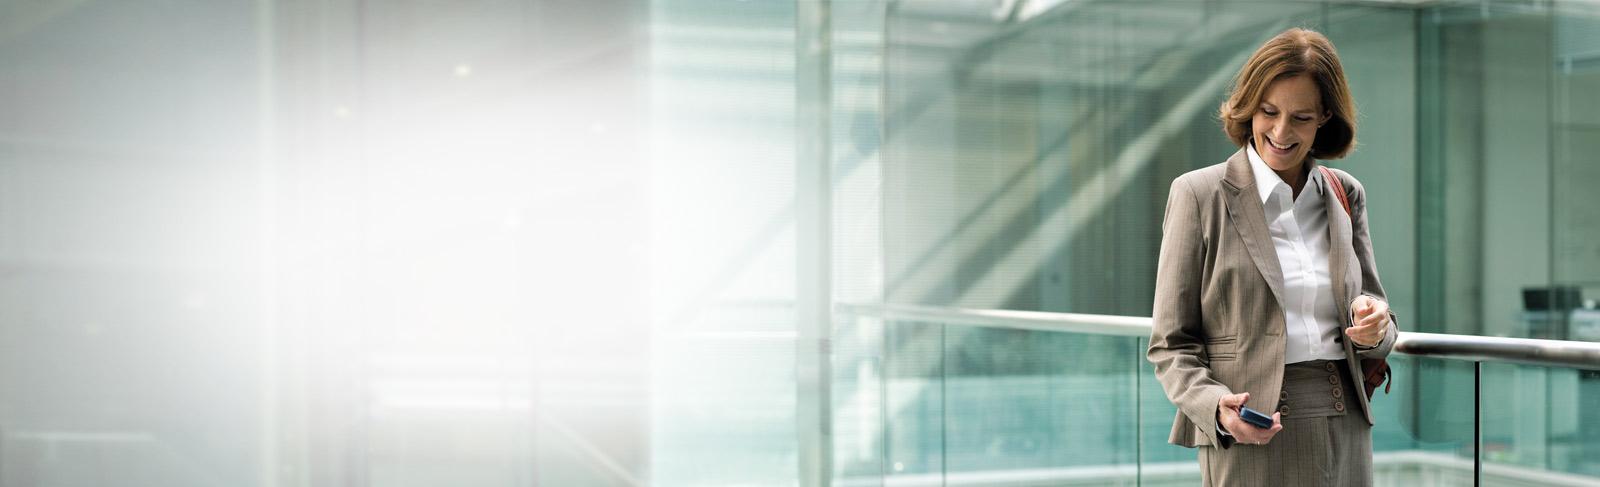 Femme d'affaires debout, utilisant l'Archivage Exchange Online sur son téléphone.